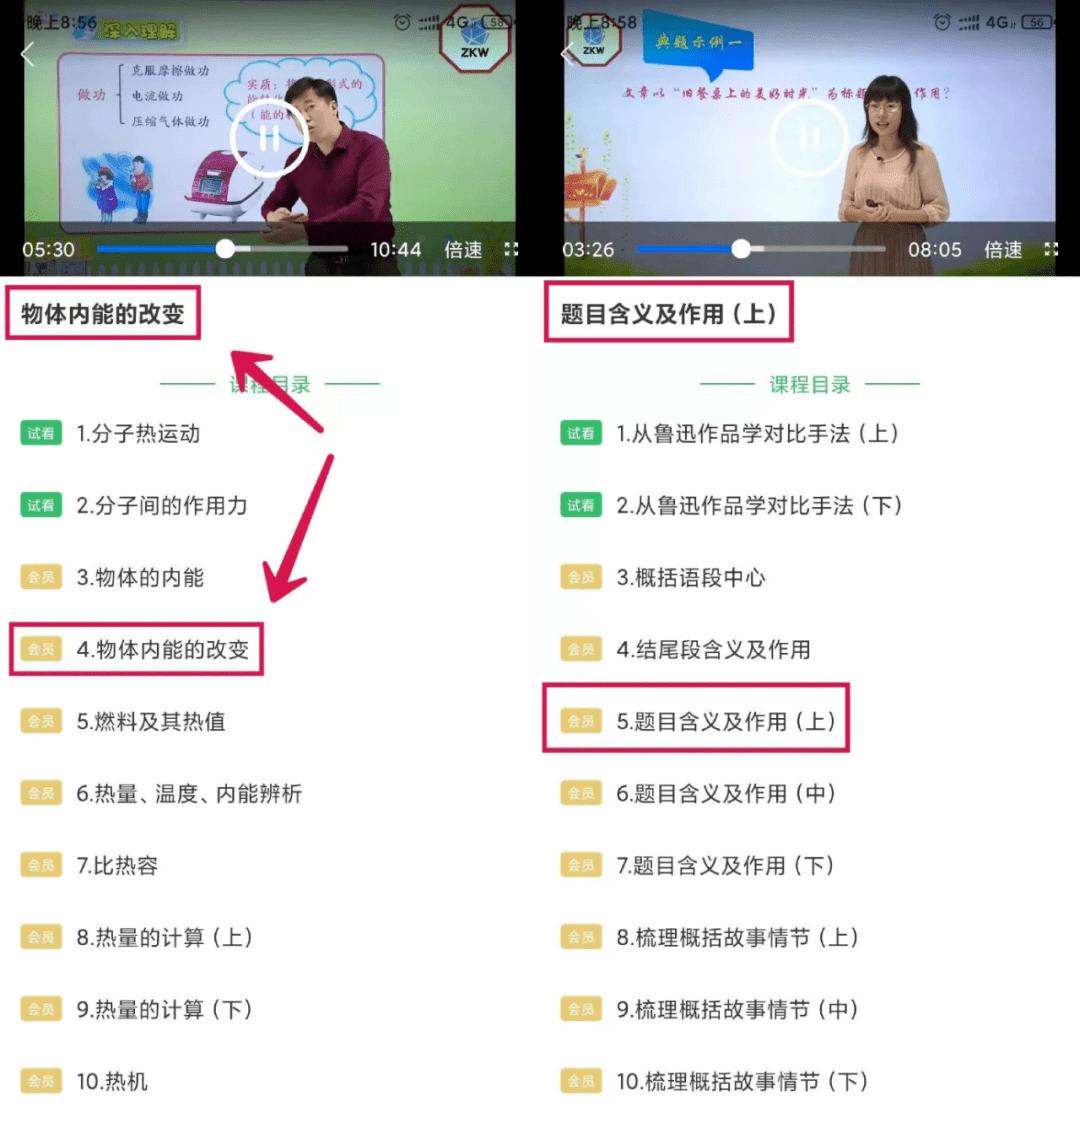 中小学同步课堂解锁版,名师同步在线教学视频课程随意看 其他软件 第4张